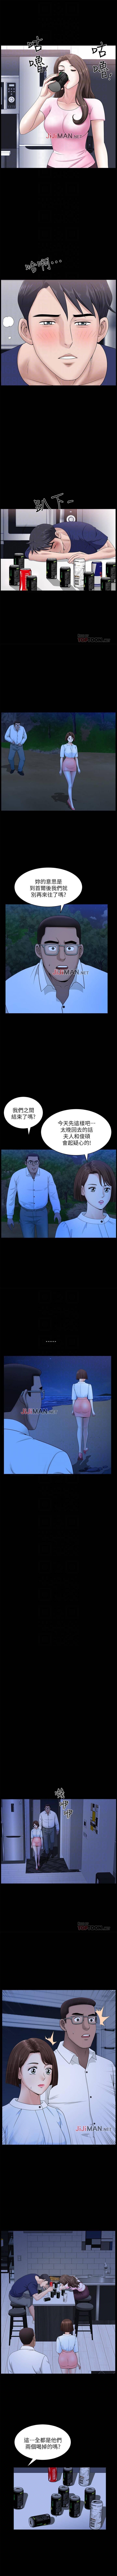 【周日连载】双妻生活(作者:skyso) 第1~23话 134